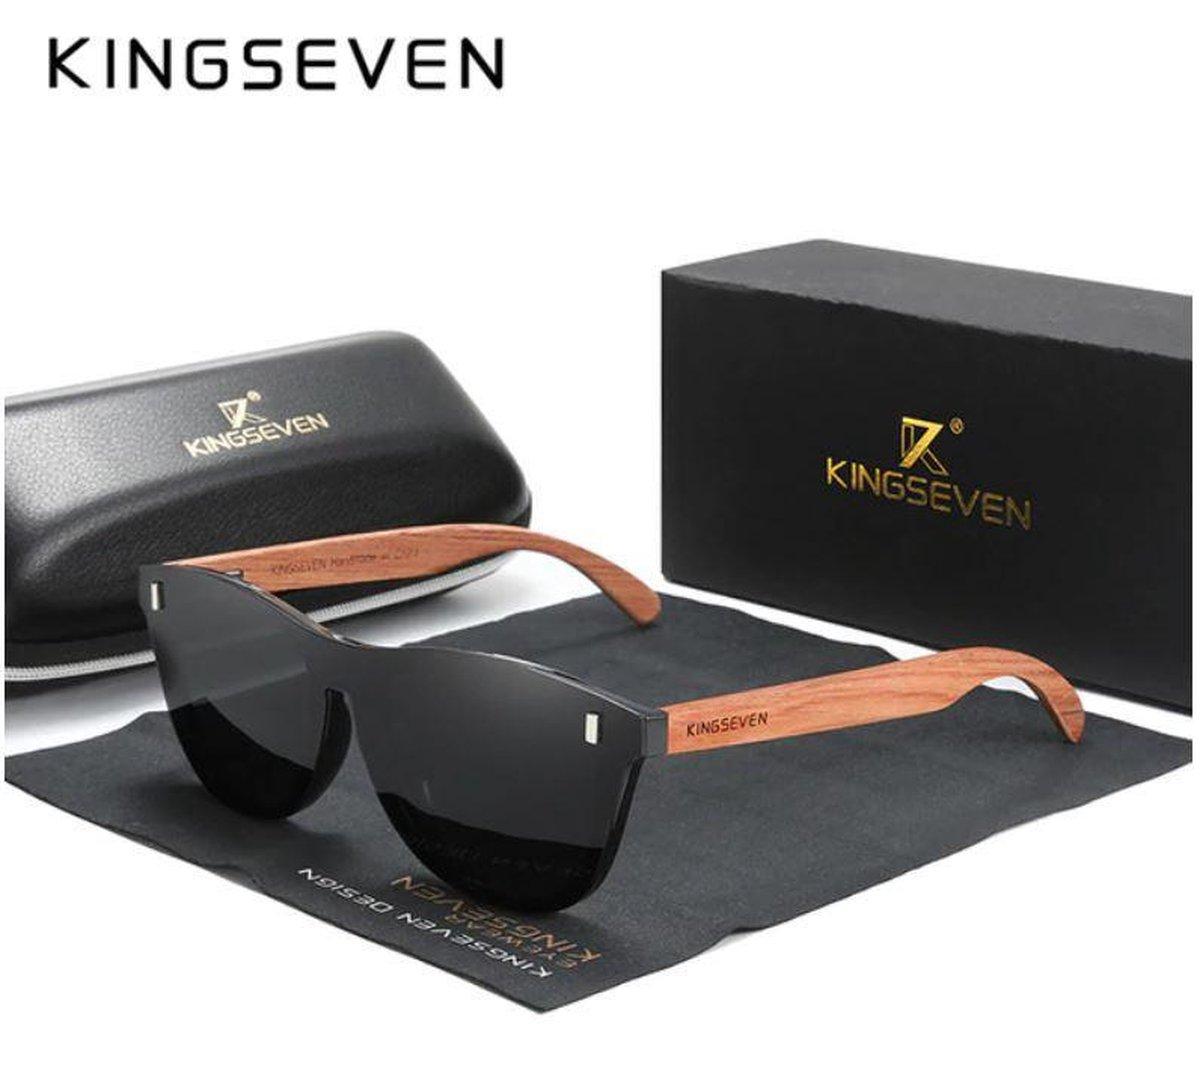 KingSeven Black Oculos Heren Zonnebril - Zwart